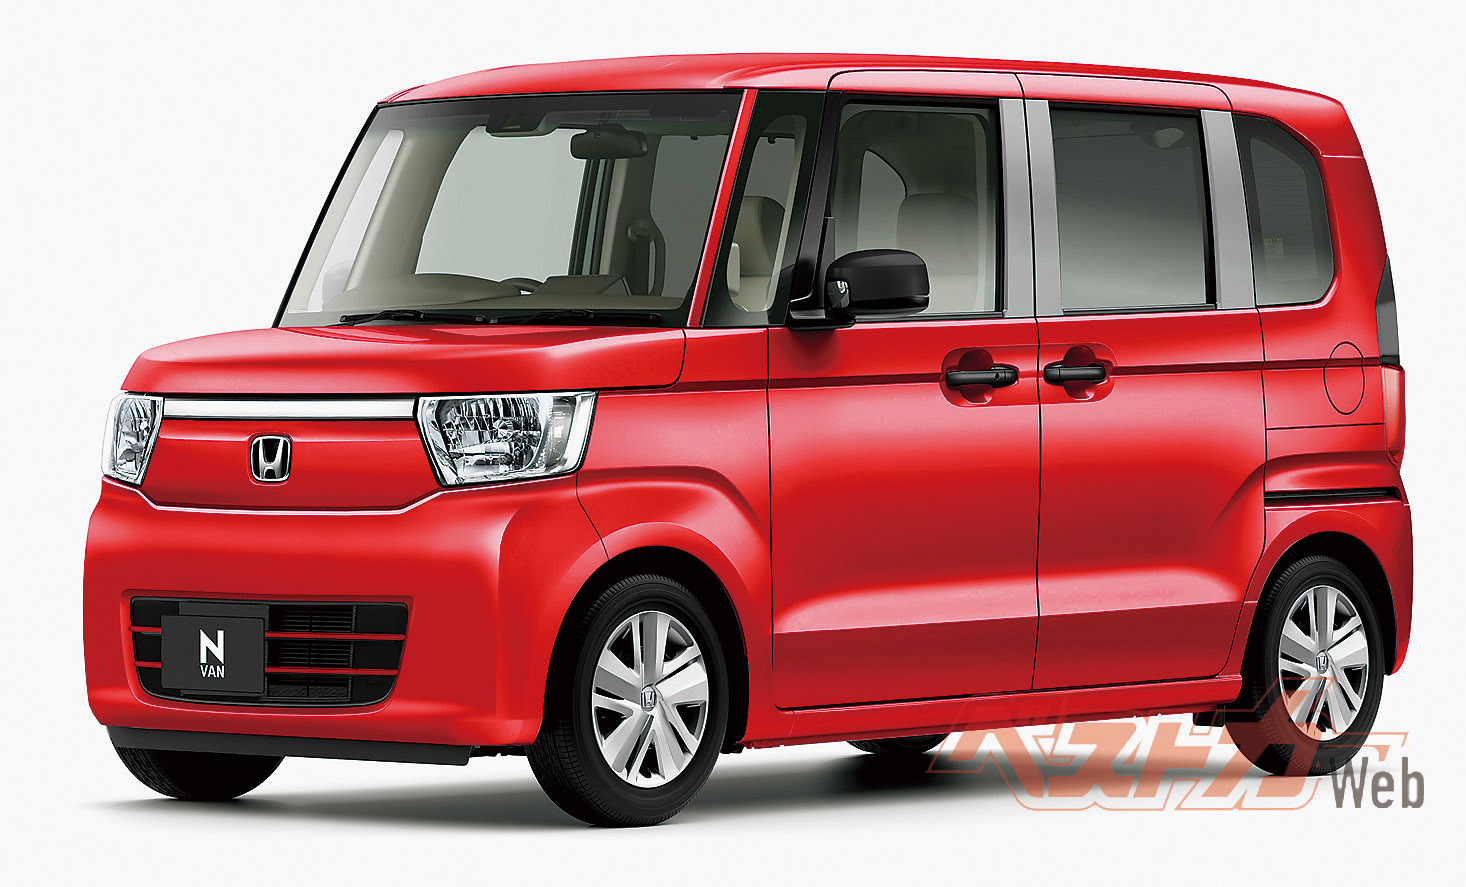 発表発売まで秒読みとなった軽商用車の革命児「N-VAN」(写真は本誌予想CG)